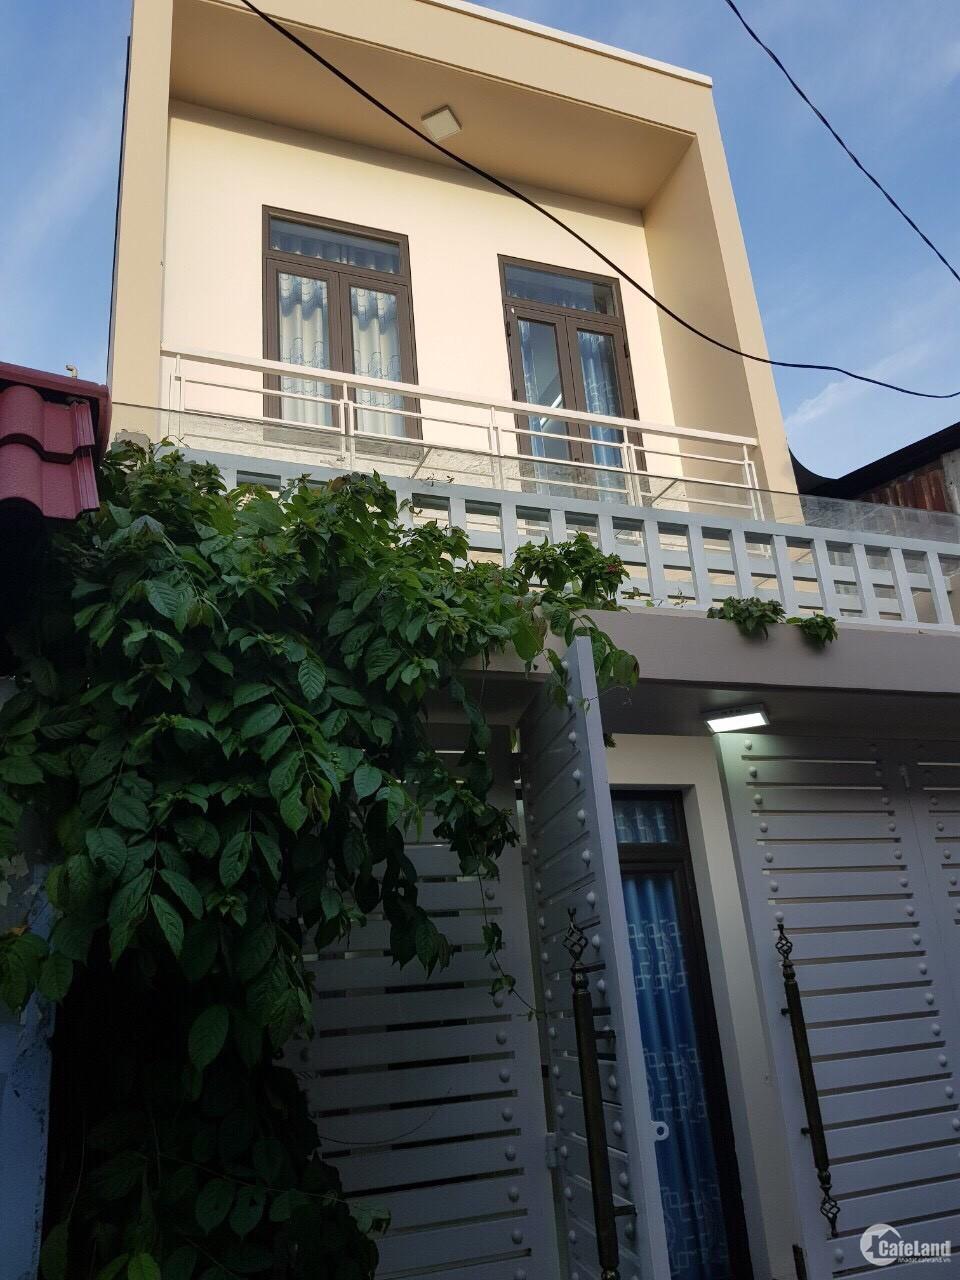 Cần bán căn nhà 1 trệt 1 lầu đường Bà Điểm 10 ,DT 75m2,có Sổ Hồng Riêng , giá 1,